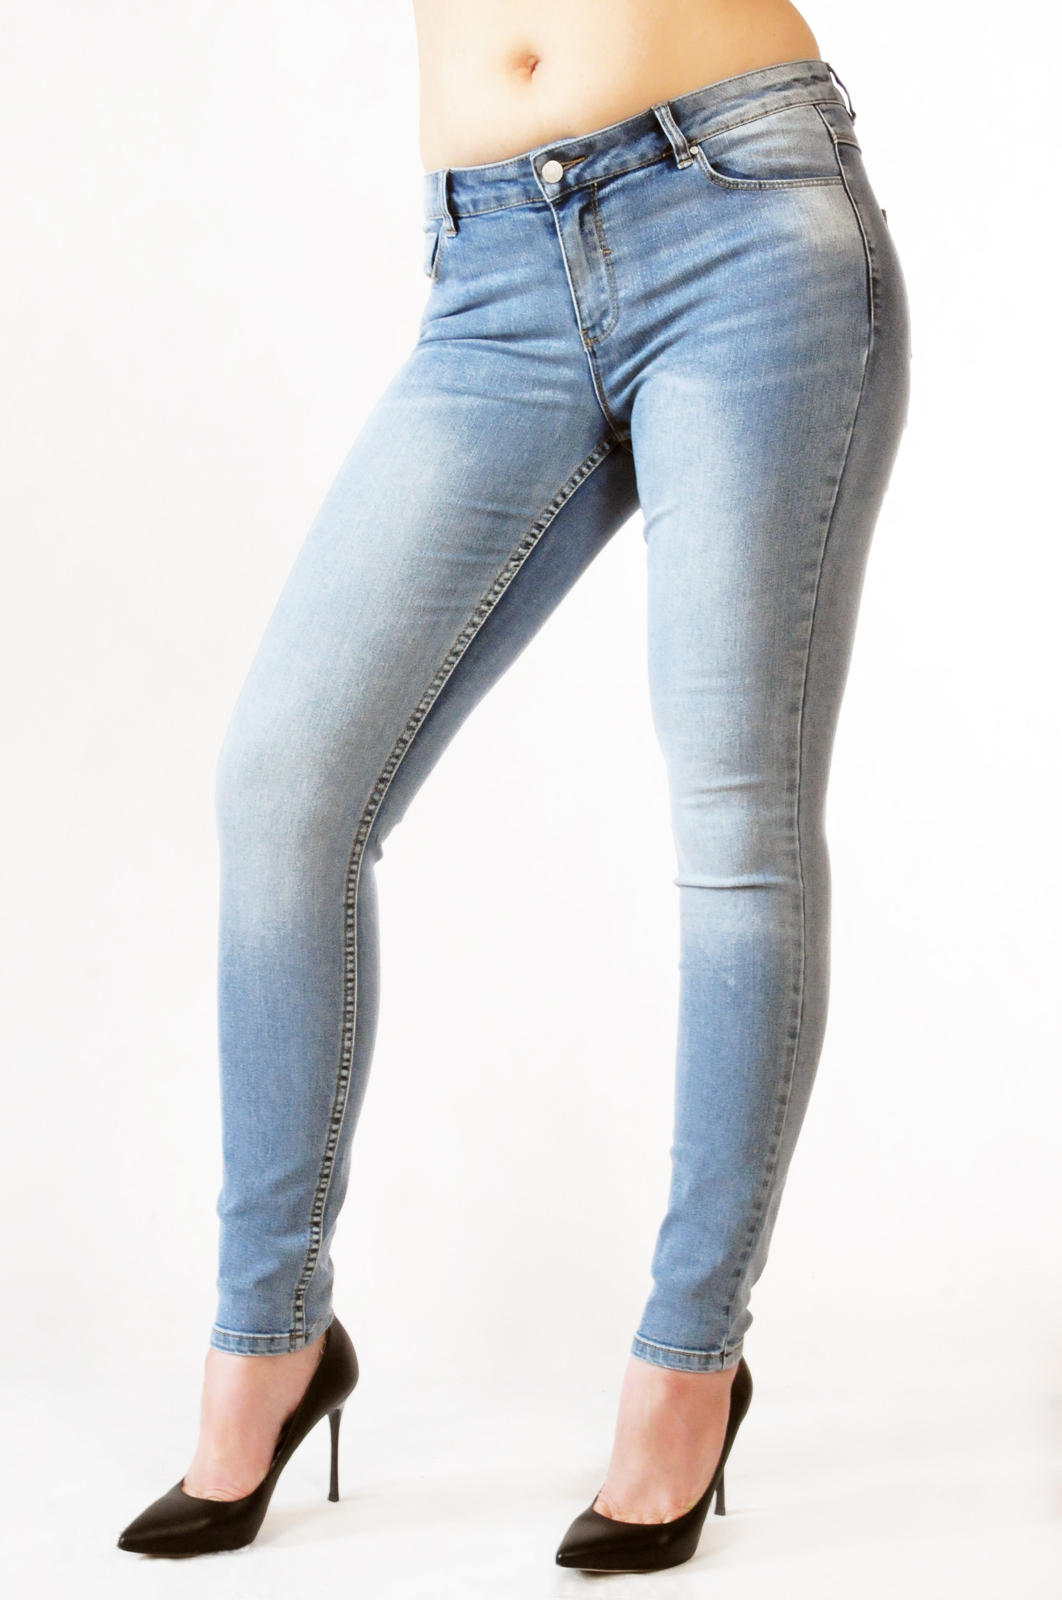 Цена на джинсы в Пскове